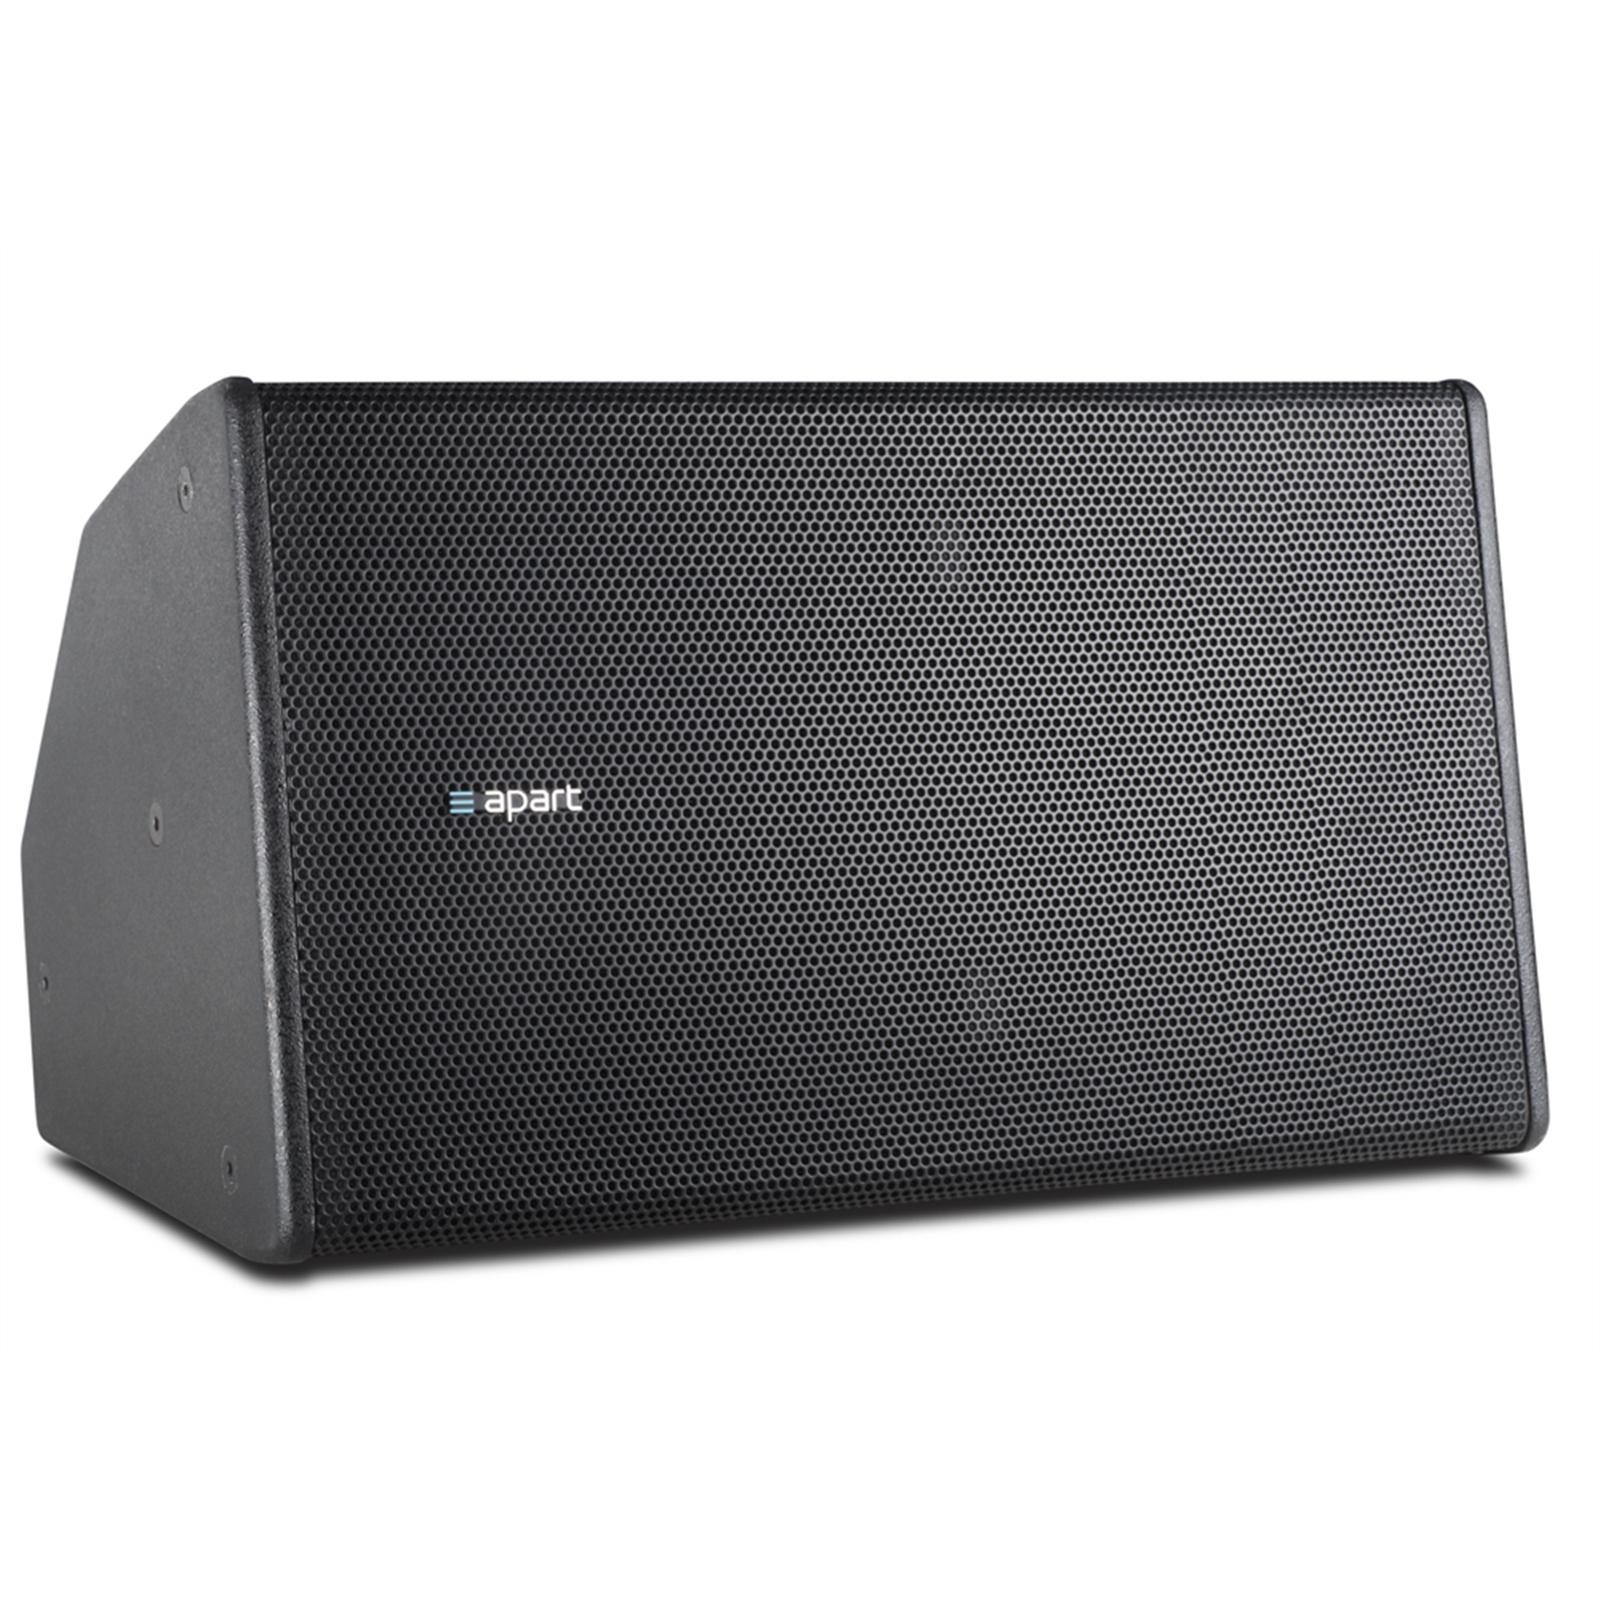 Apart 12 in Full range loudspeaker. Black